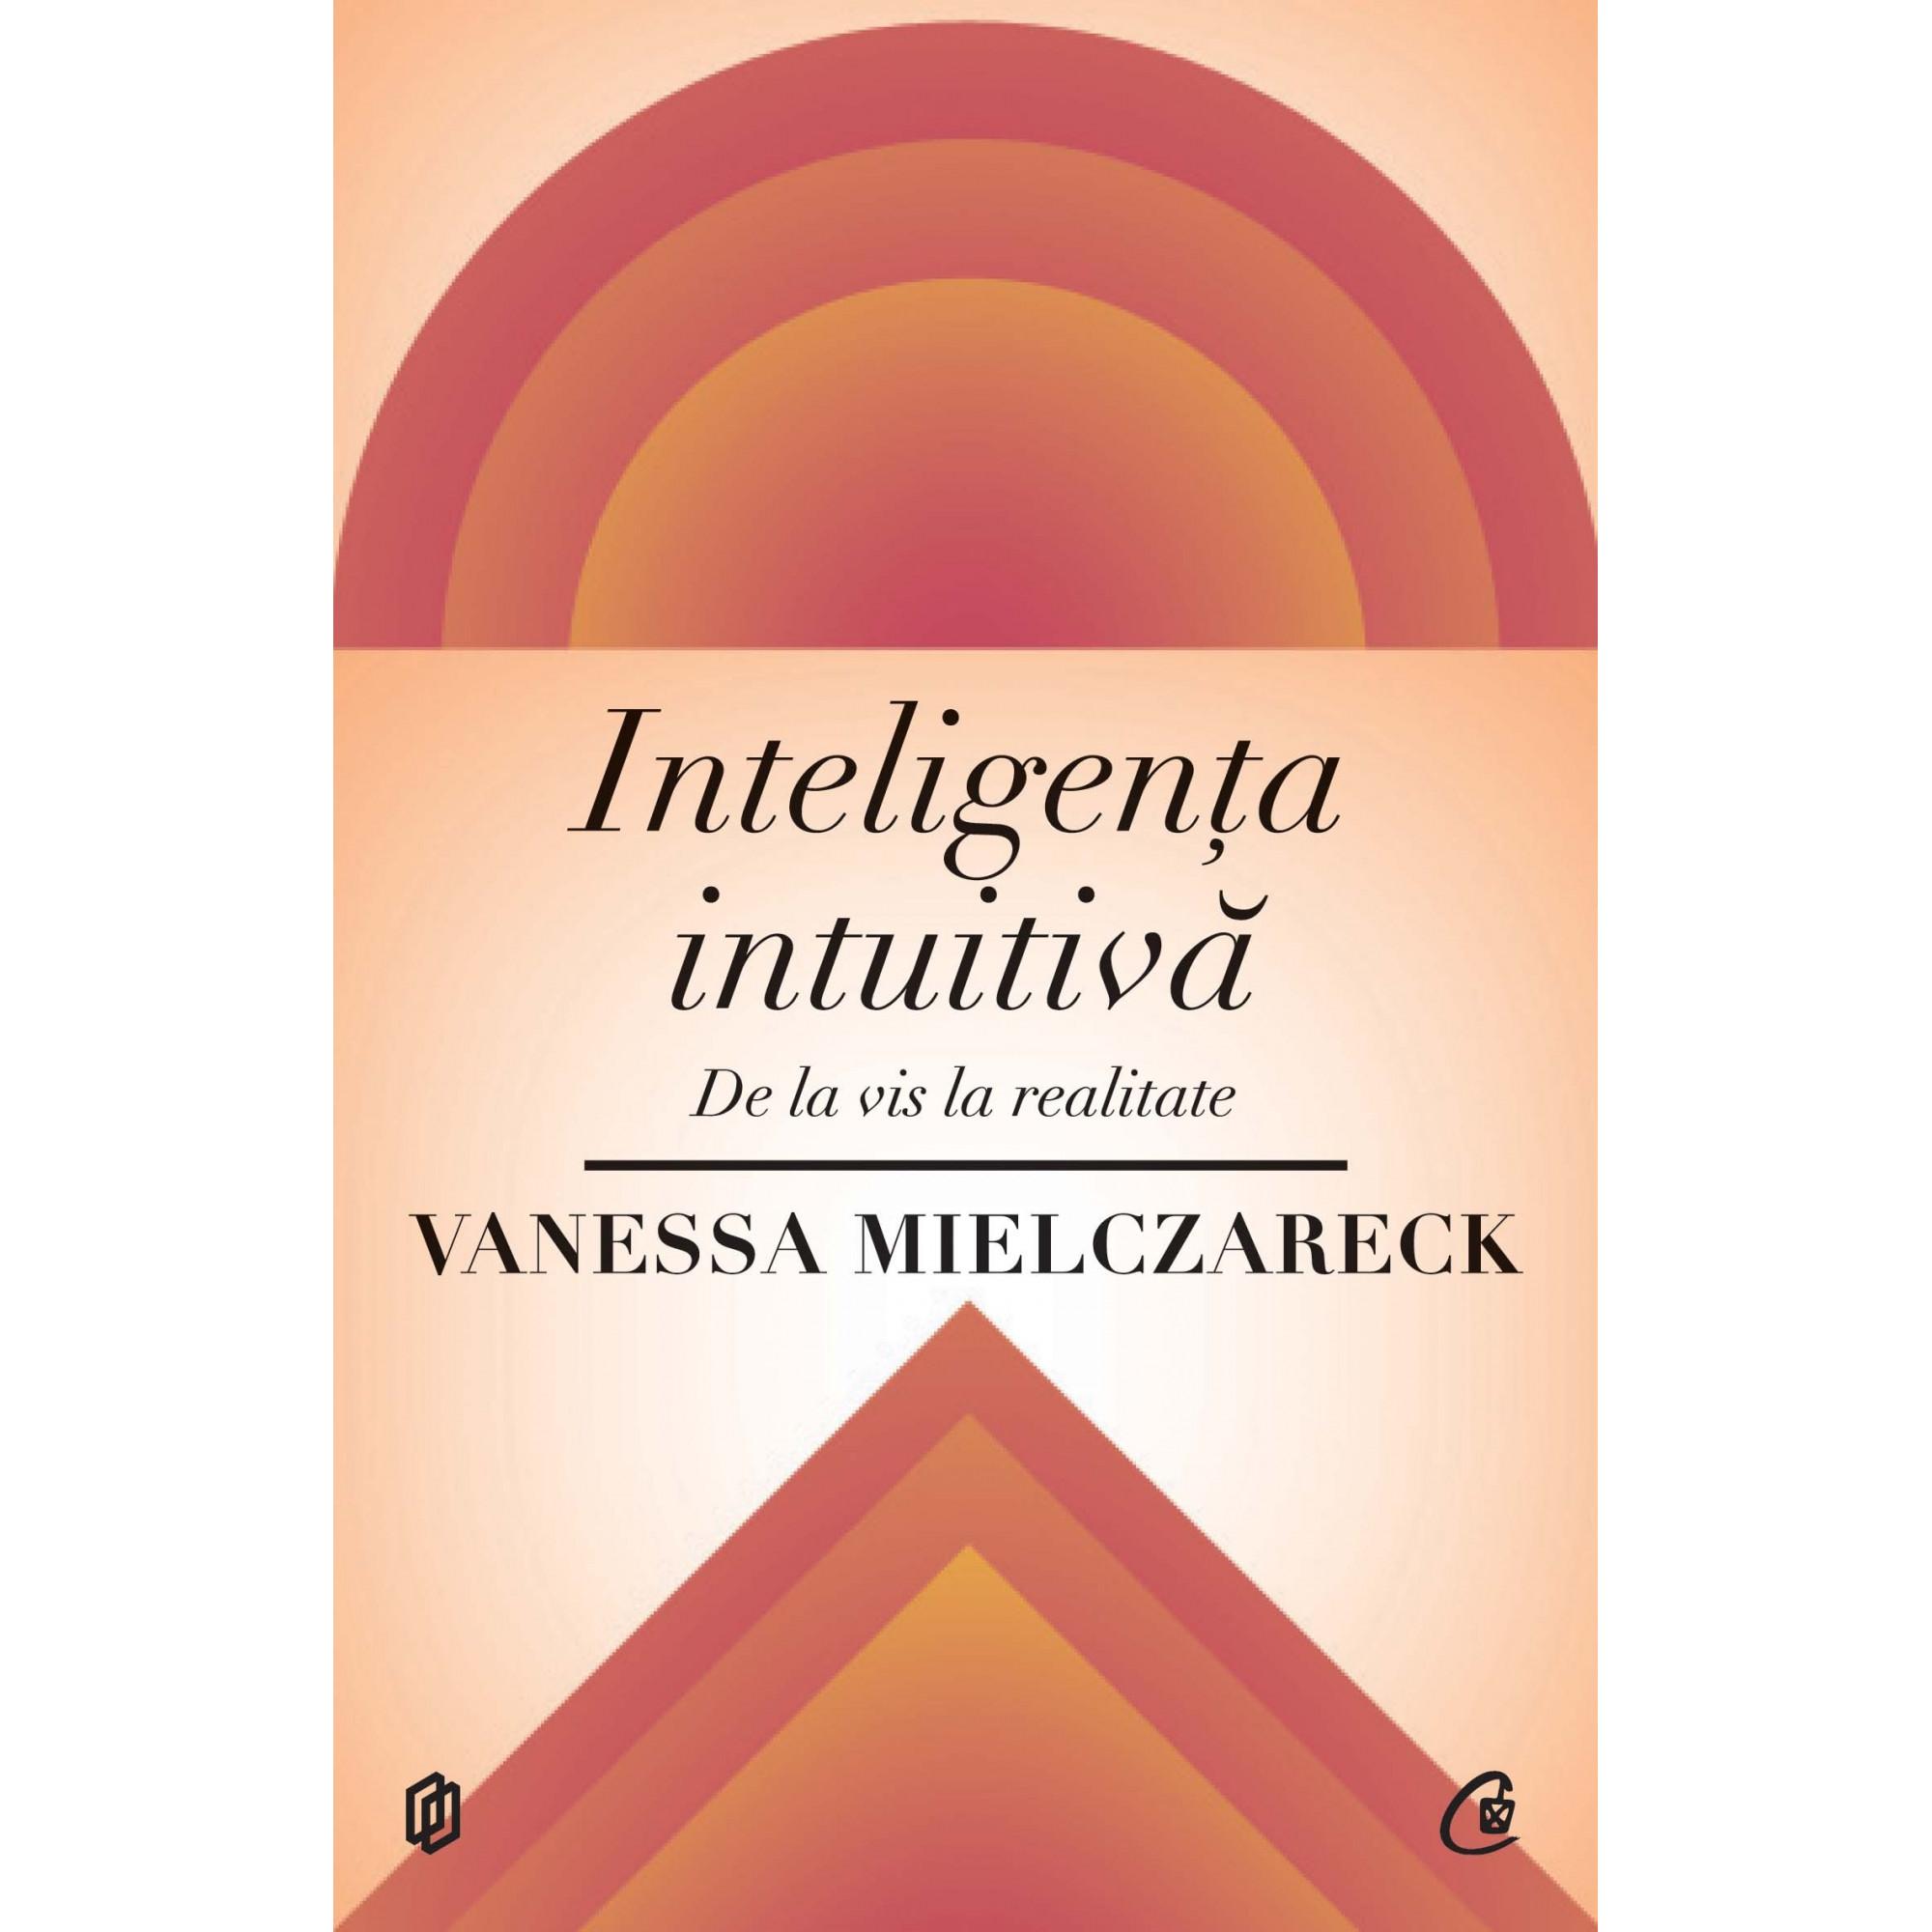 Inteligenţa intuitivă. De la vis la realitate